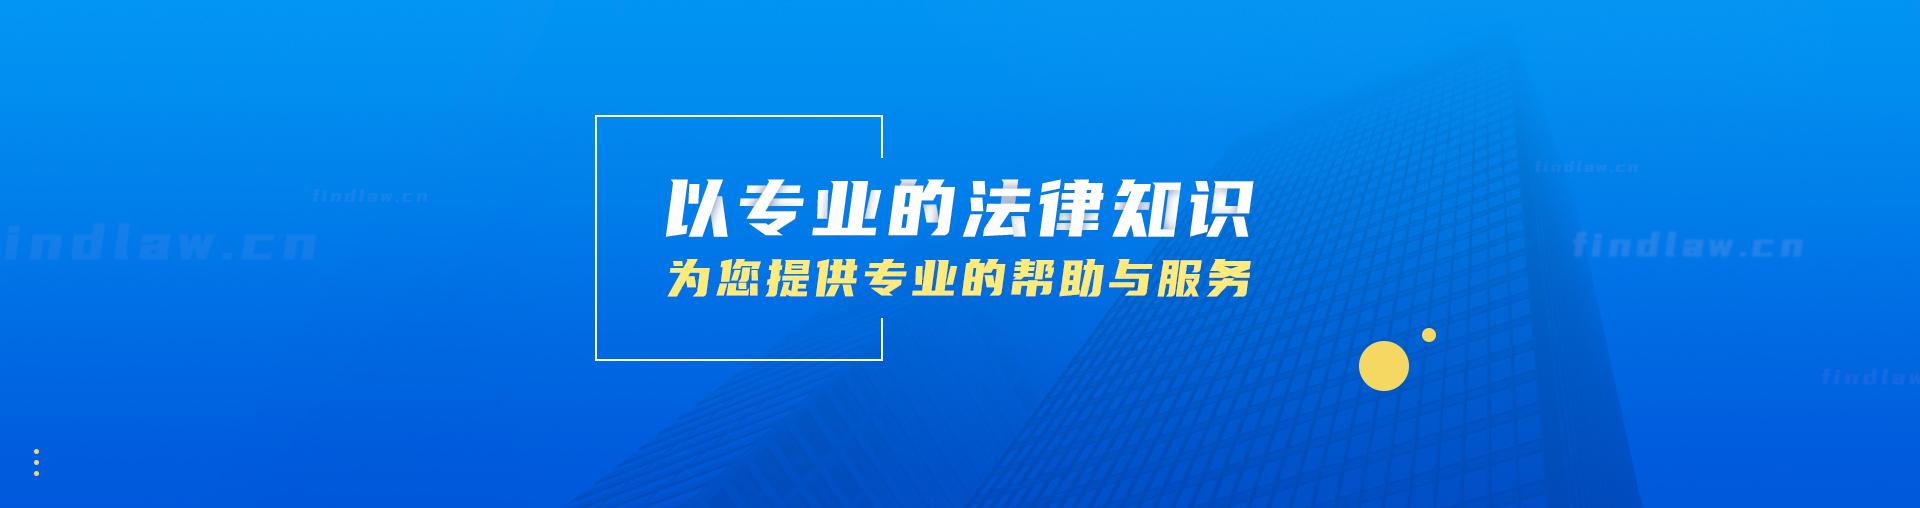 张志强的律师团队网站